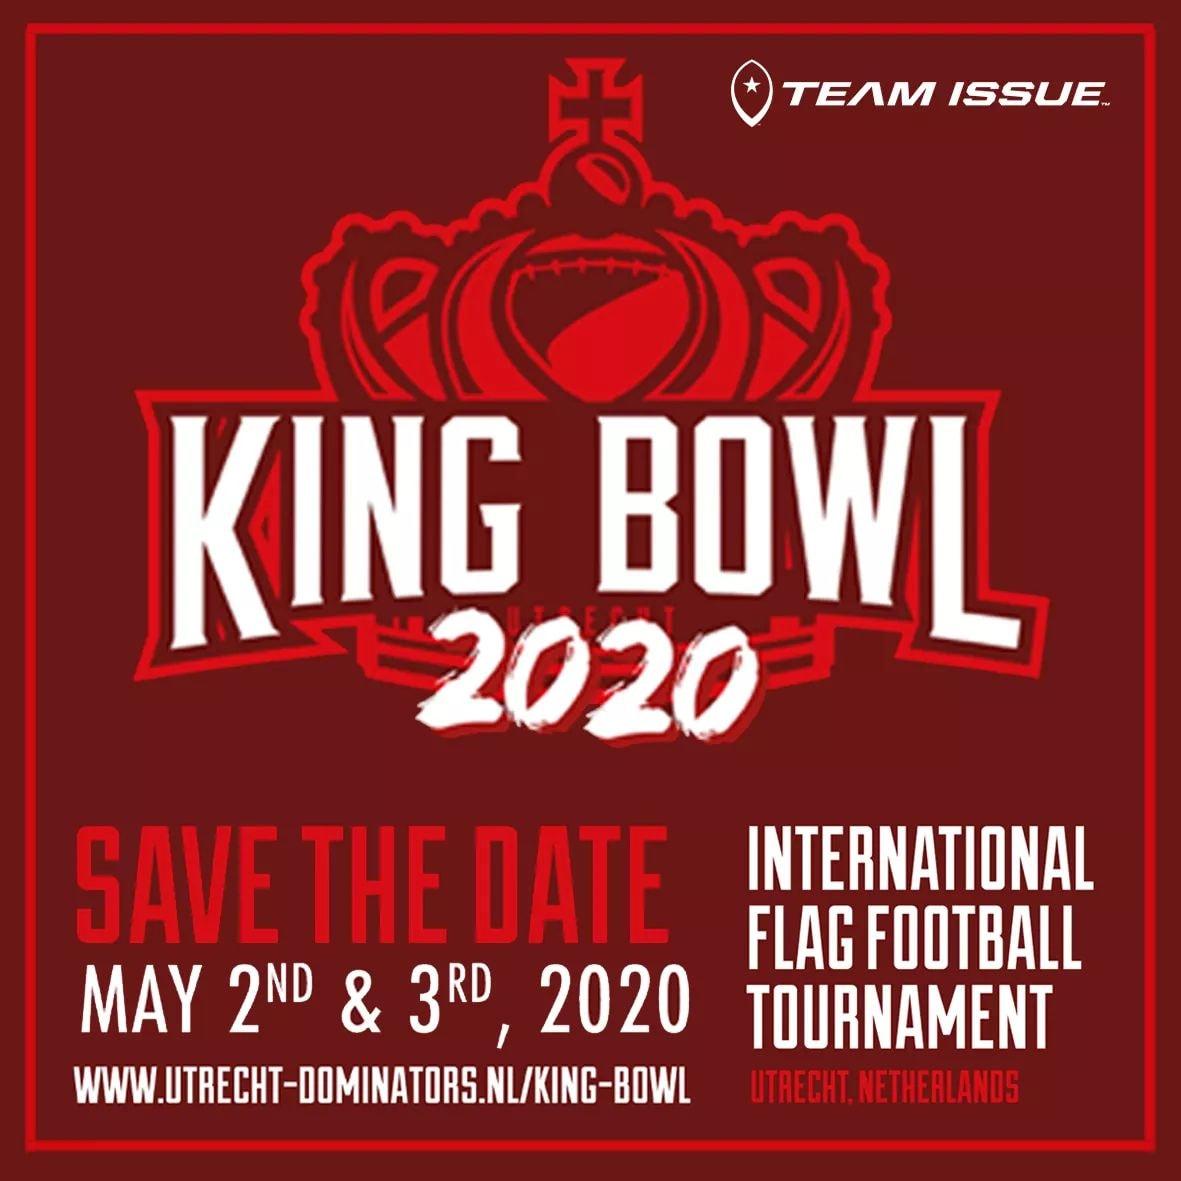 KING BOWL 2020 @ UTRECHT, NL